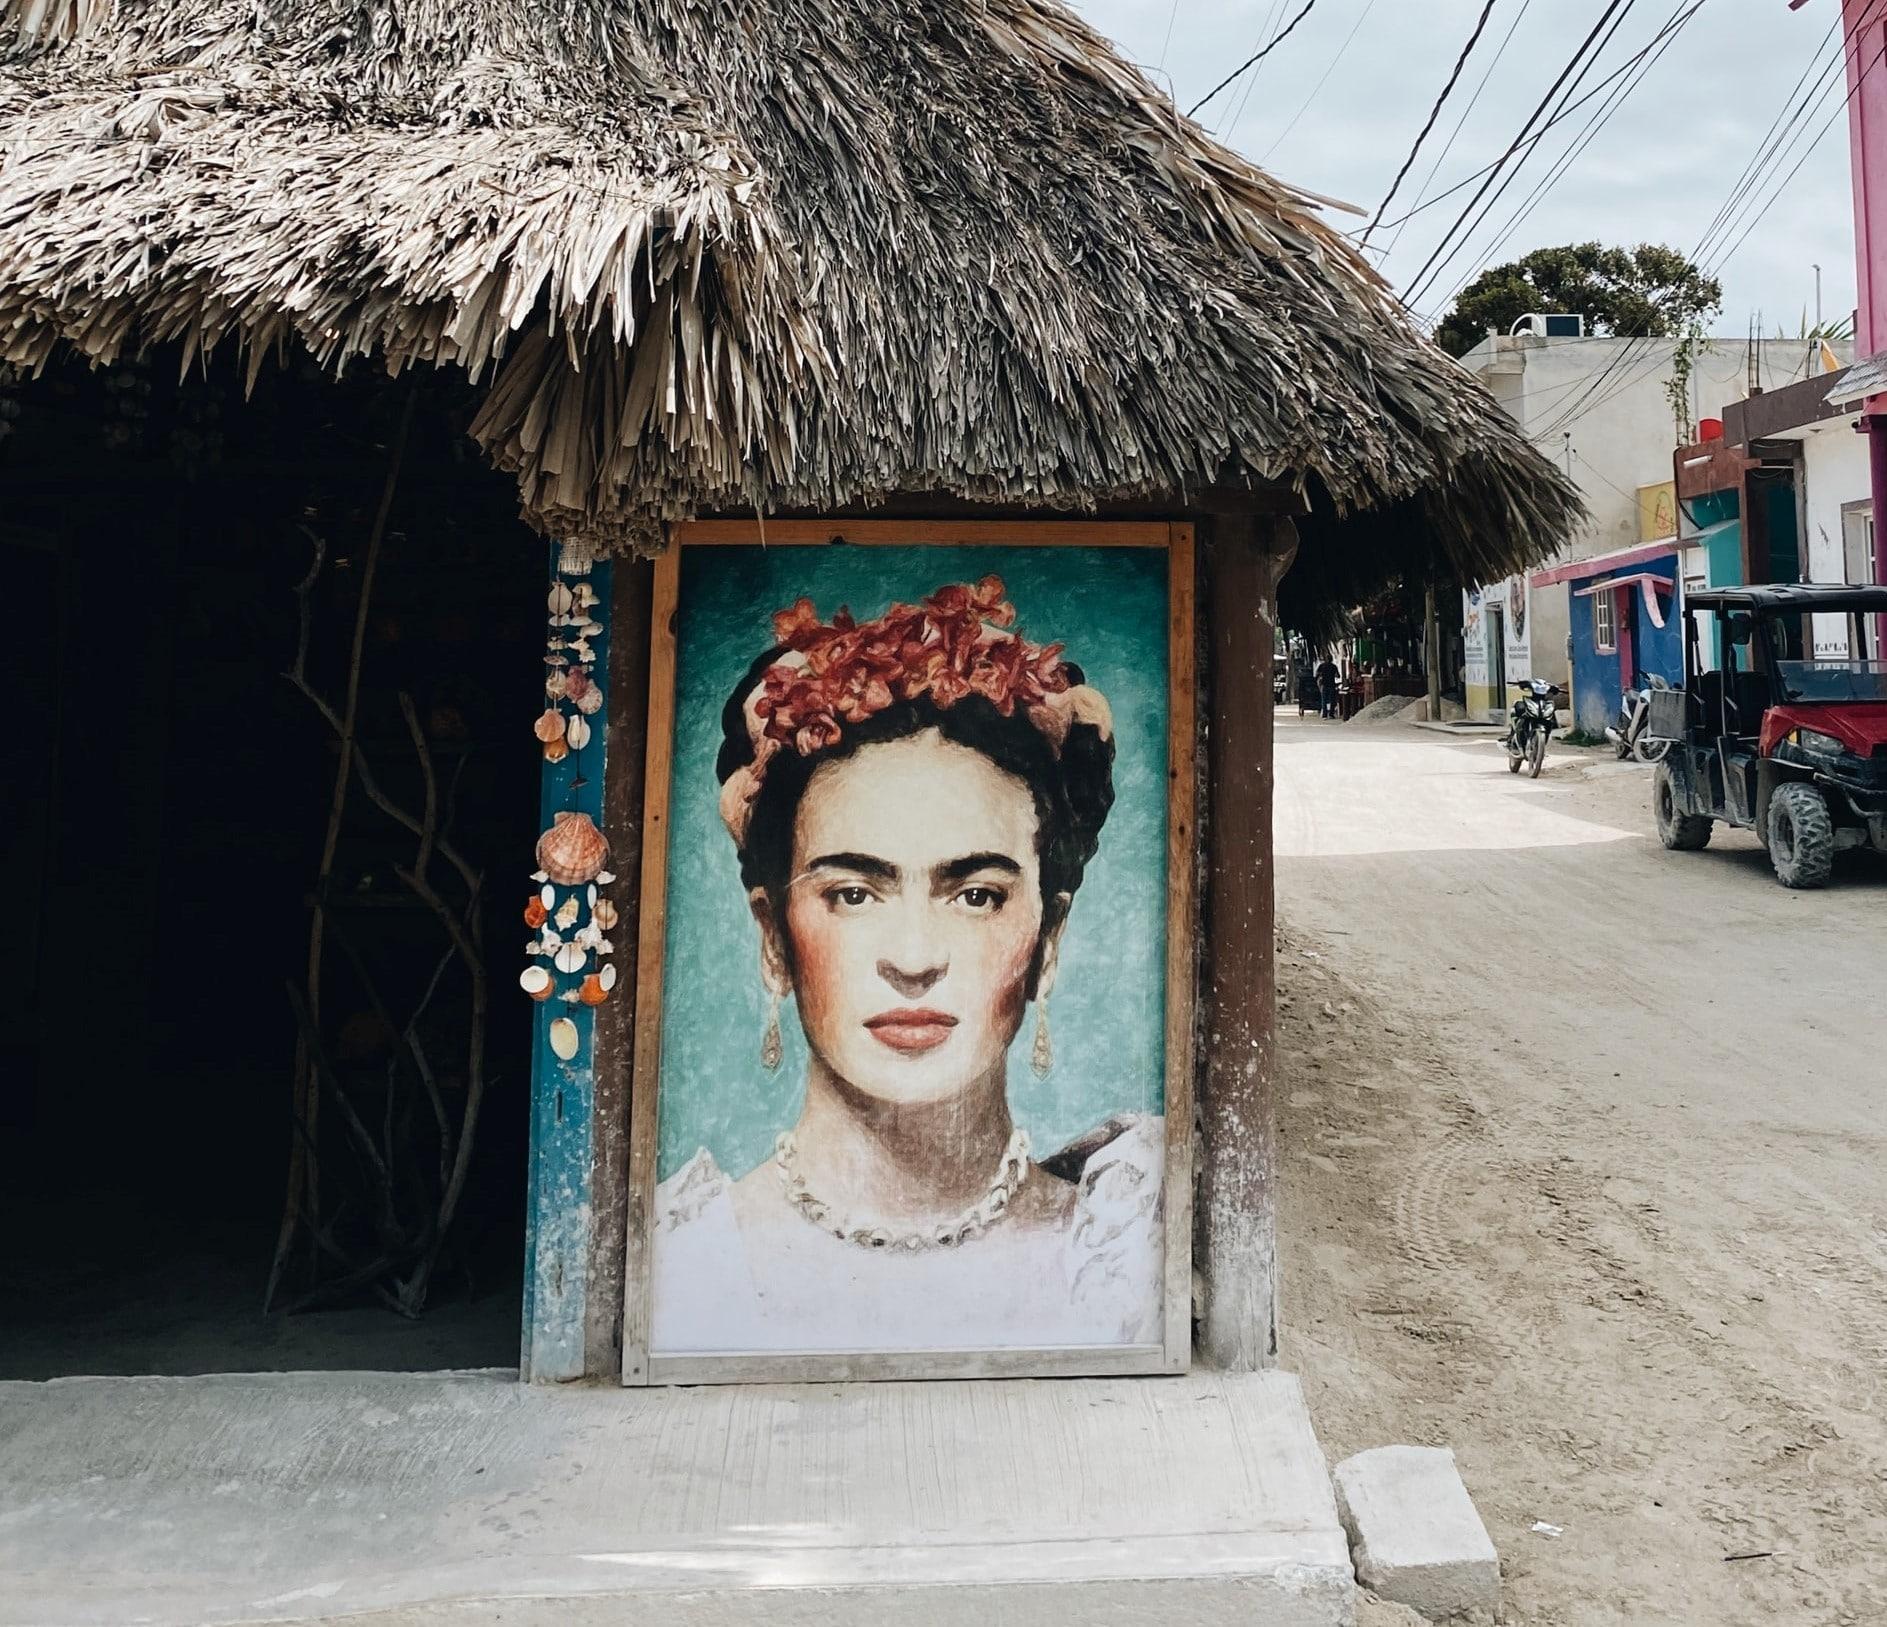 frida kahlo paris soirée mexique musée du quai branly